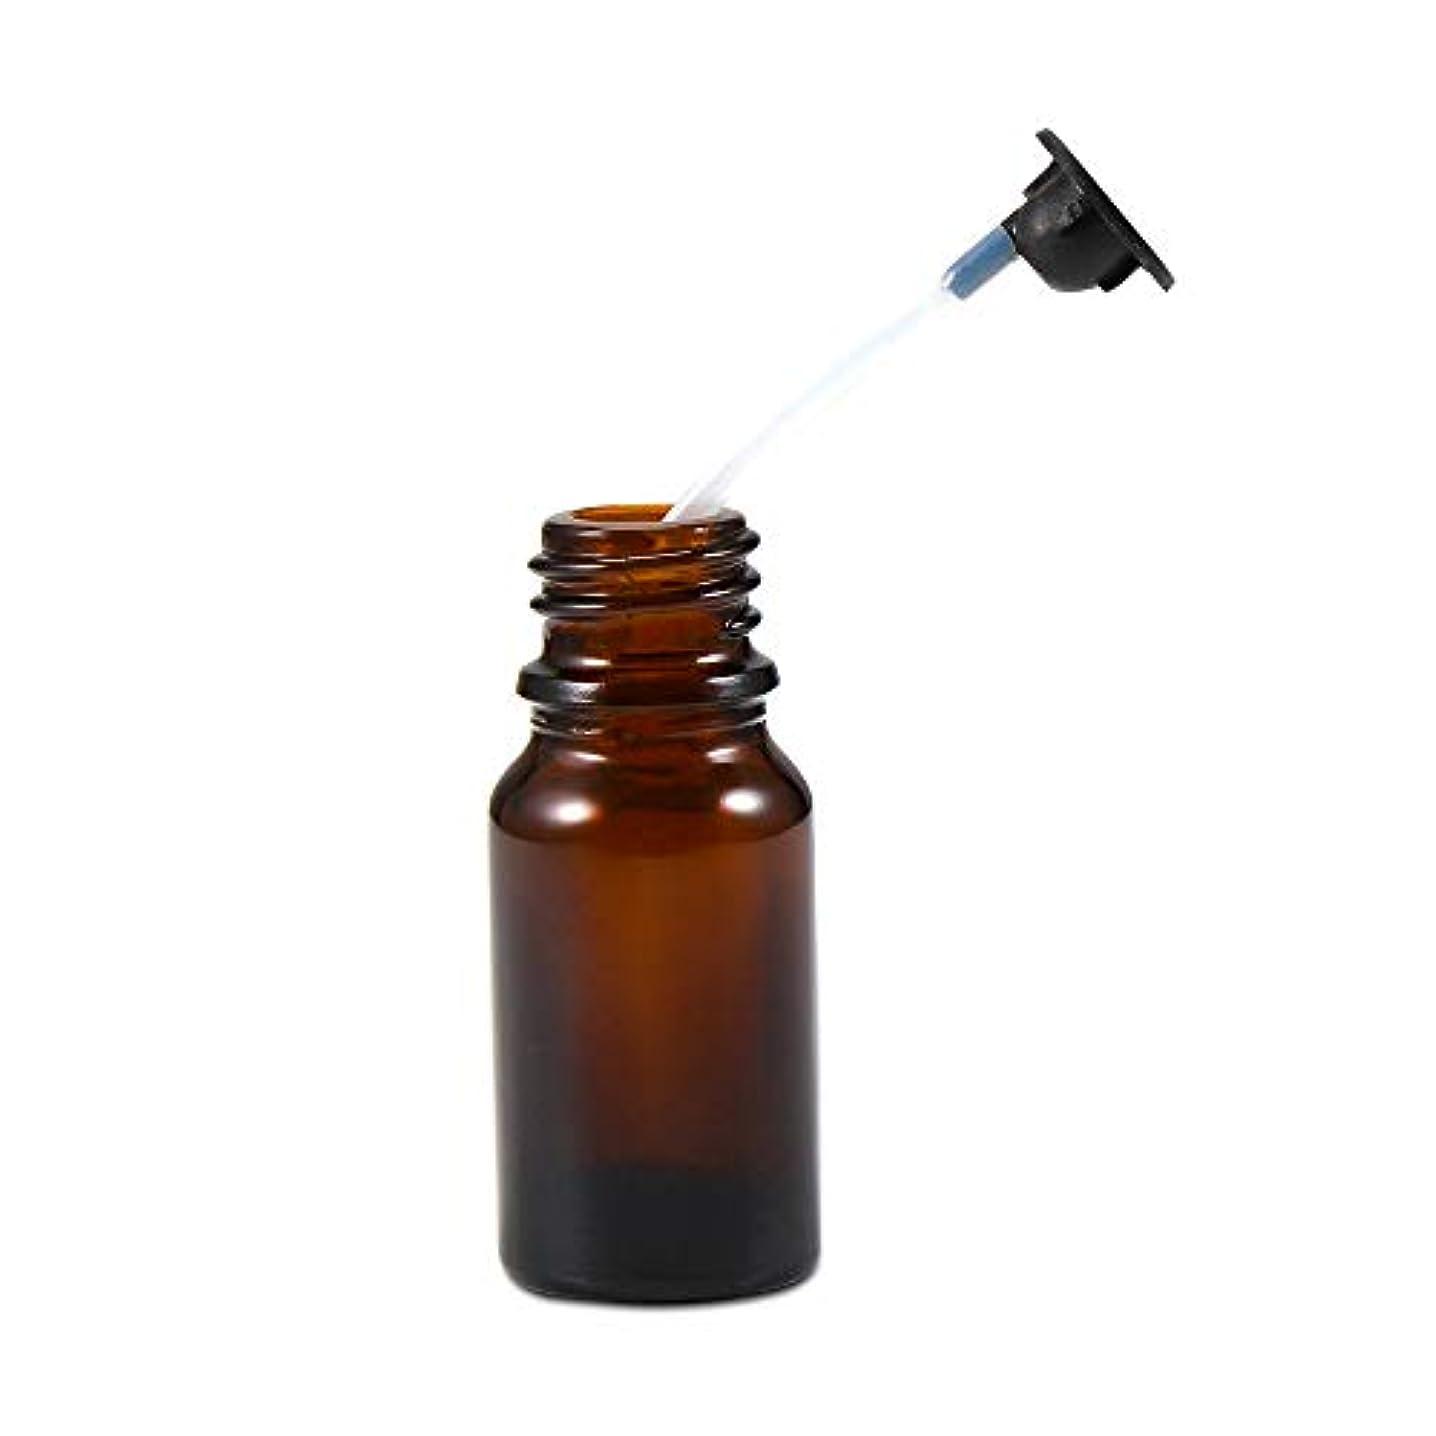 句寄付中にCaseceo エッセンシャルオイル ボトルとノズル 交換用 アクセサリー 数量1